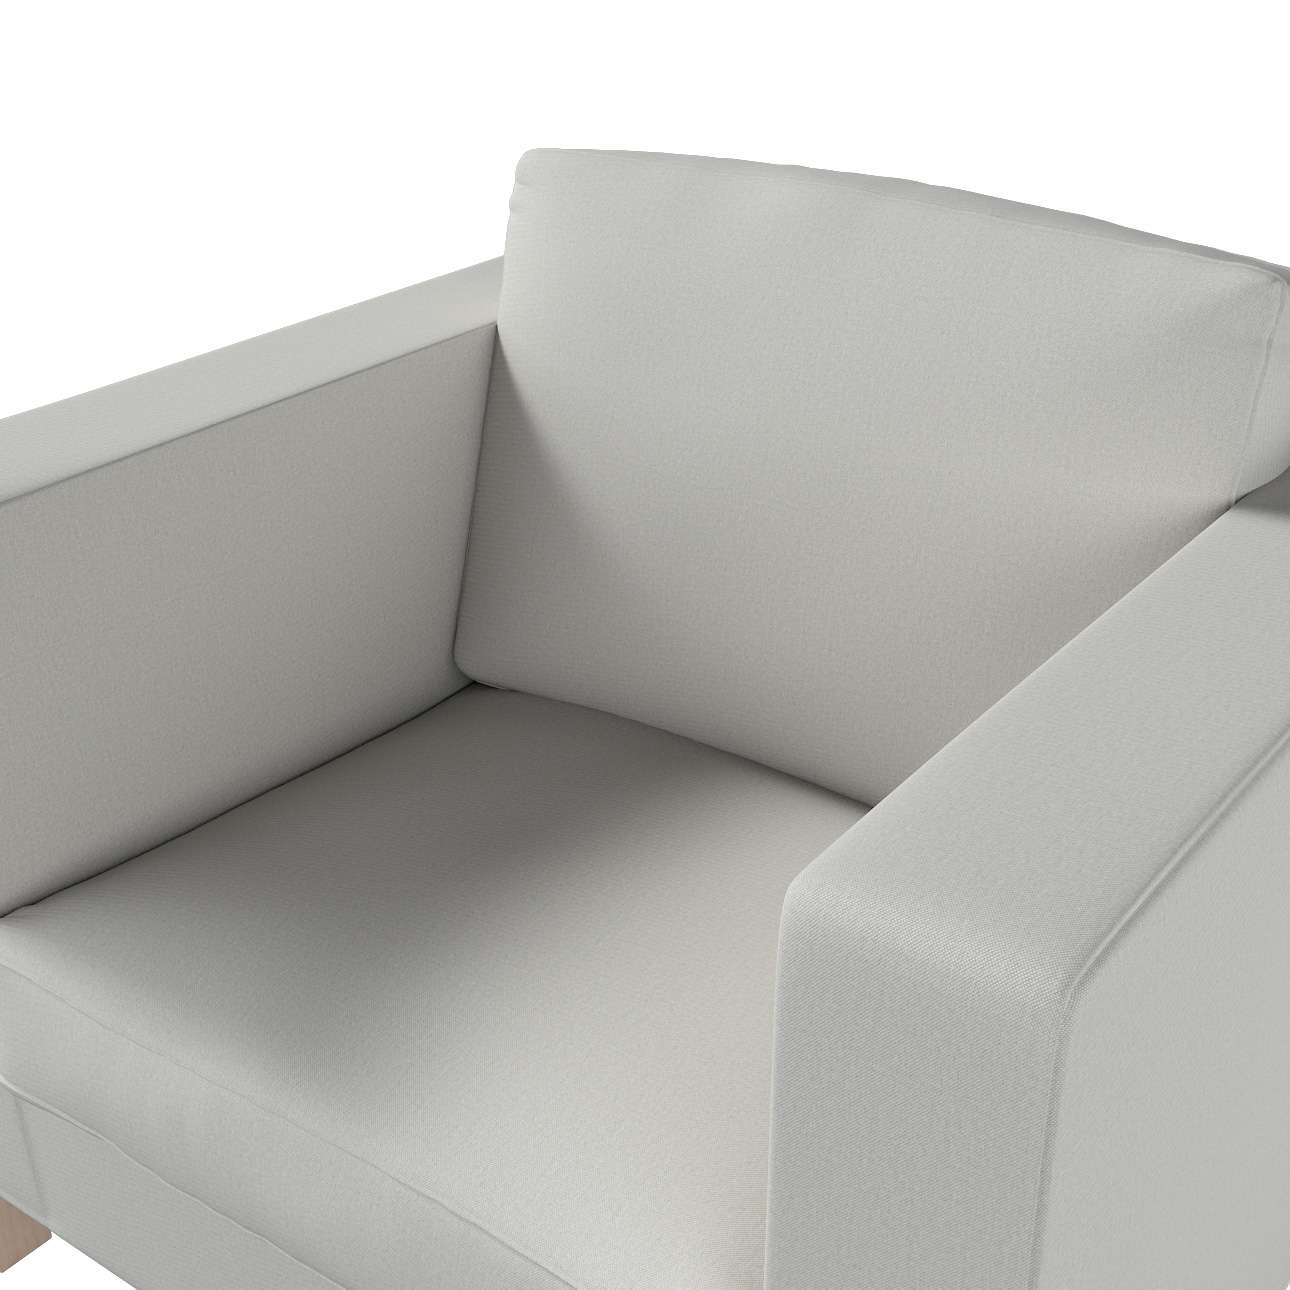 Pokrowiec na fotel Karlanda, krótki w kolekcji Etna, tkanina: 705-90